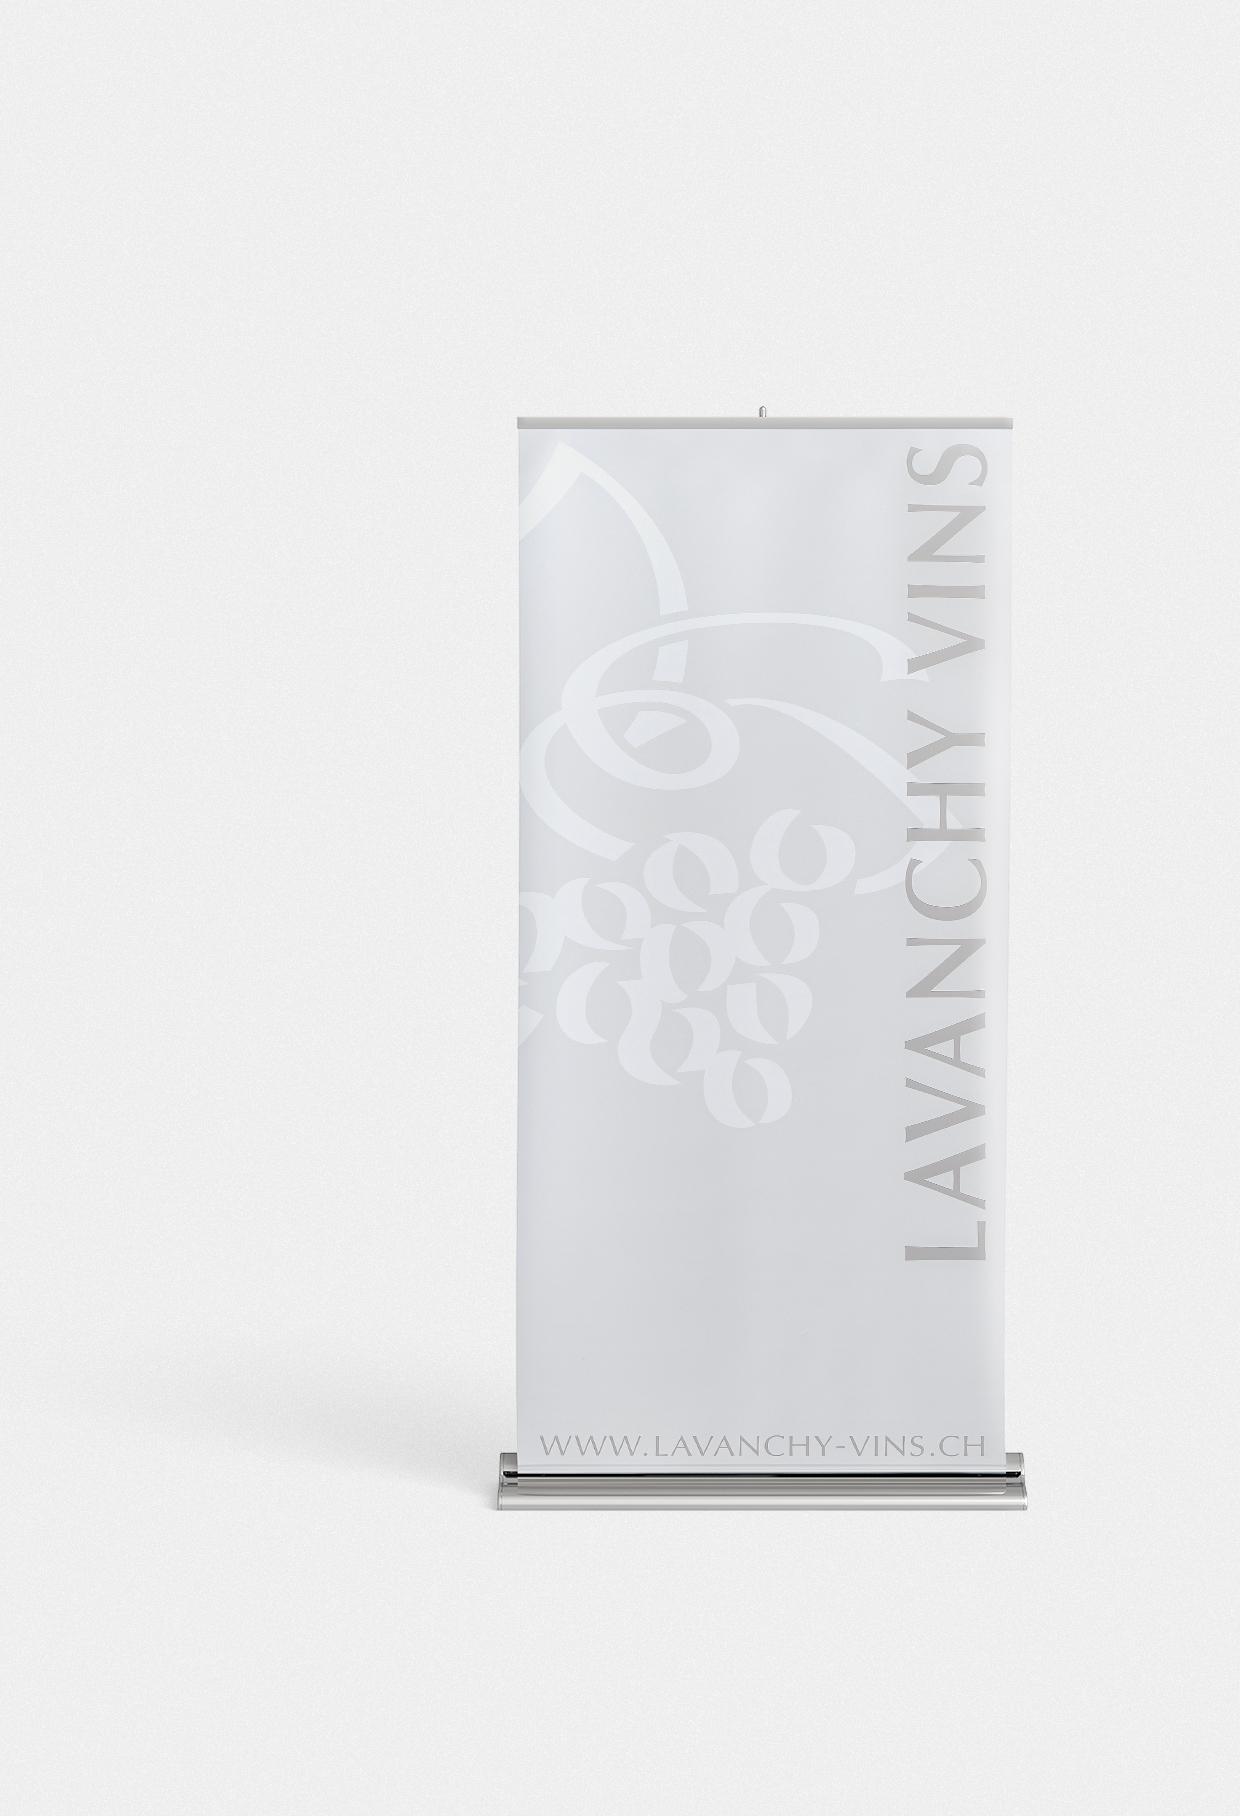 LAVANCHY VINS